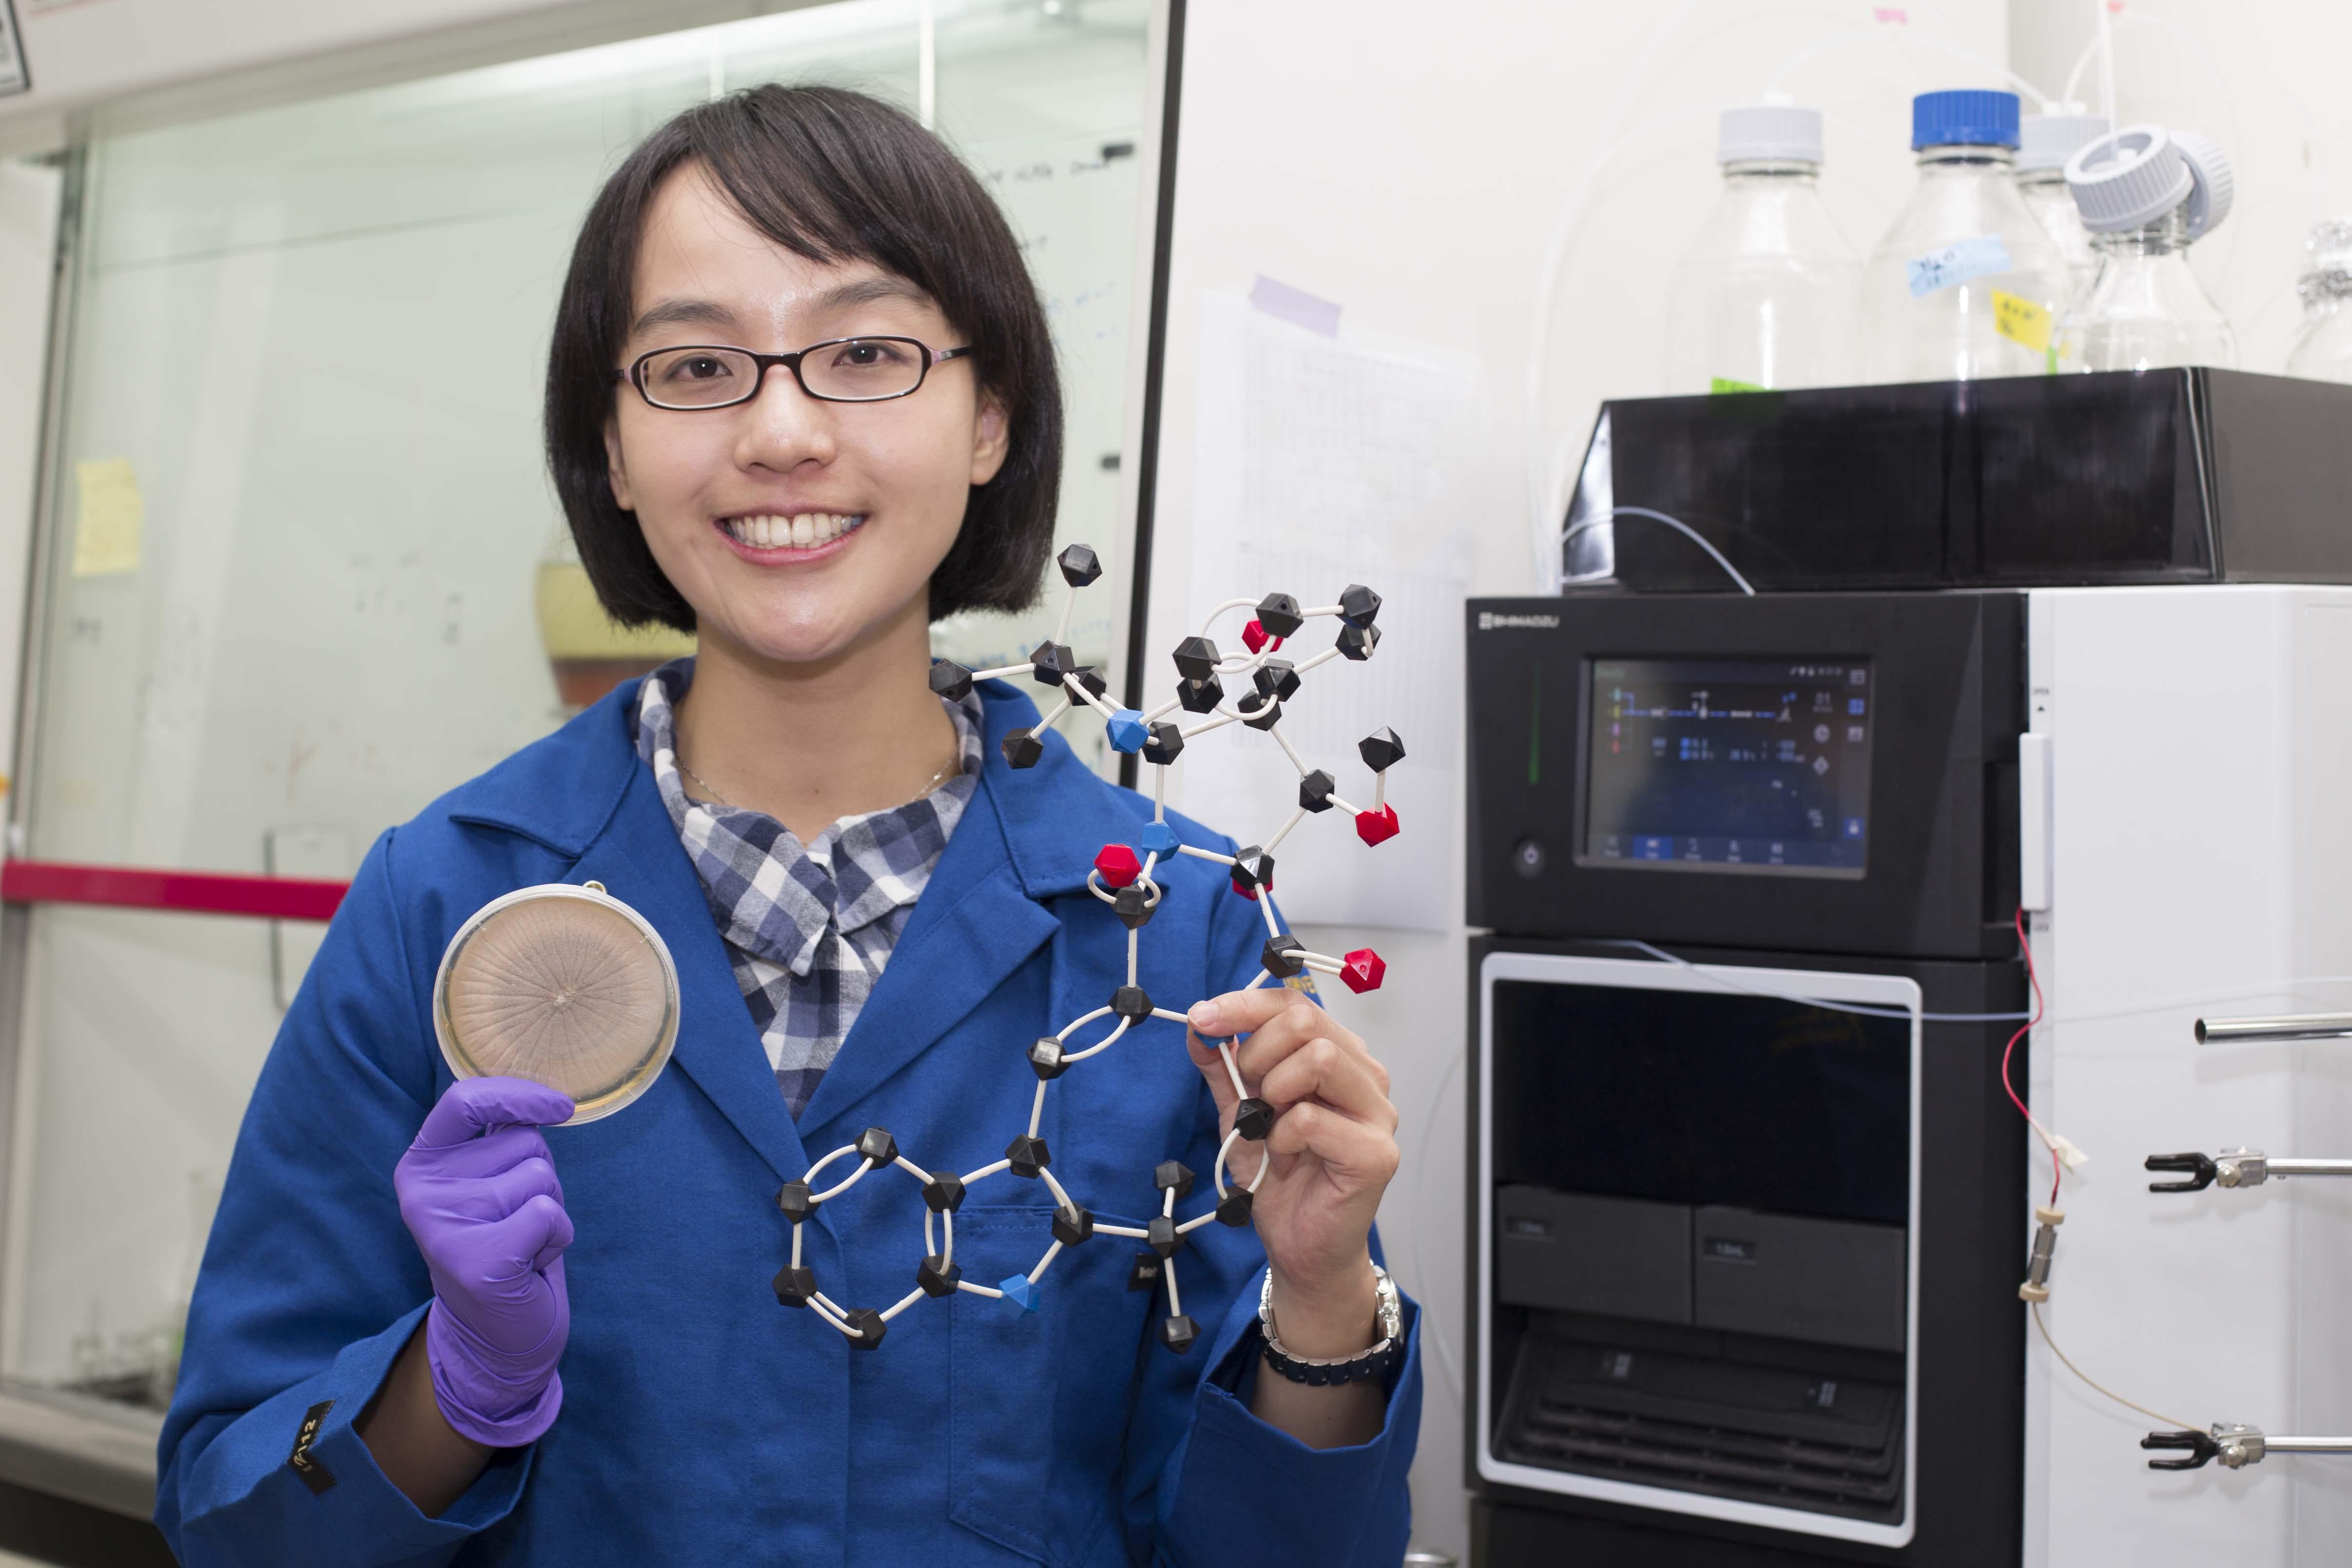 林曉青拿著真菌培養皿、像樂高的 okaramine 分子模型。這兩者藏著真菌殺蟲的秘密。 攝影│張語辰